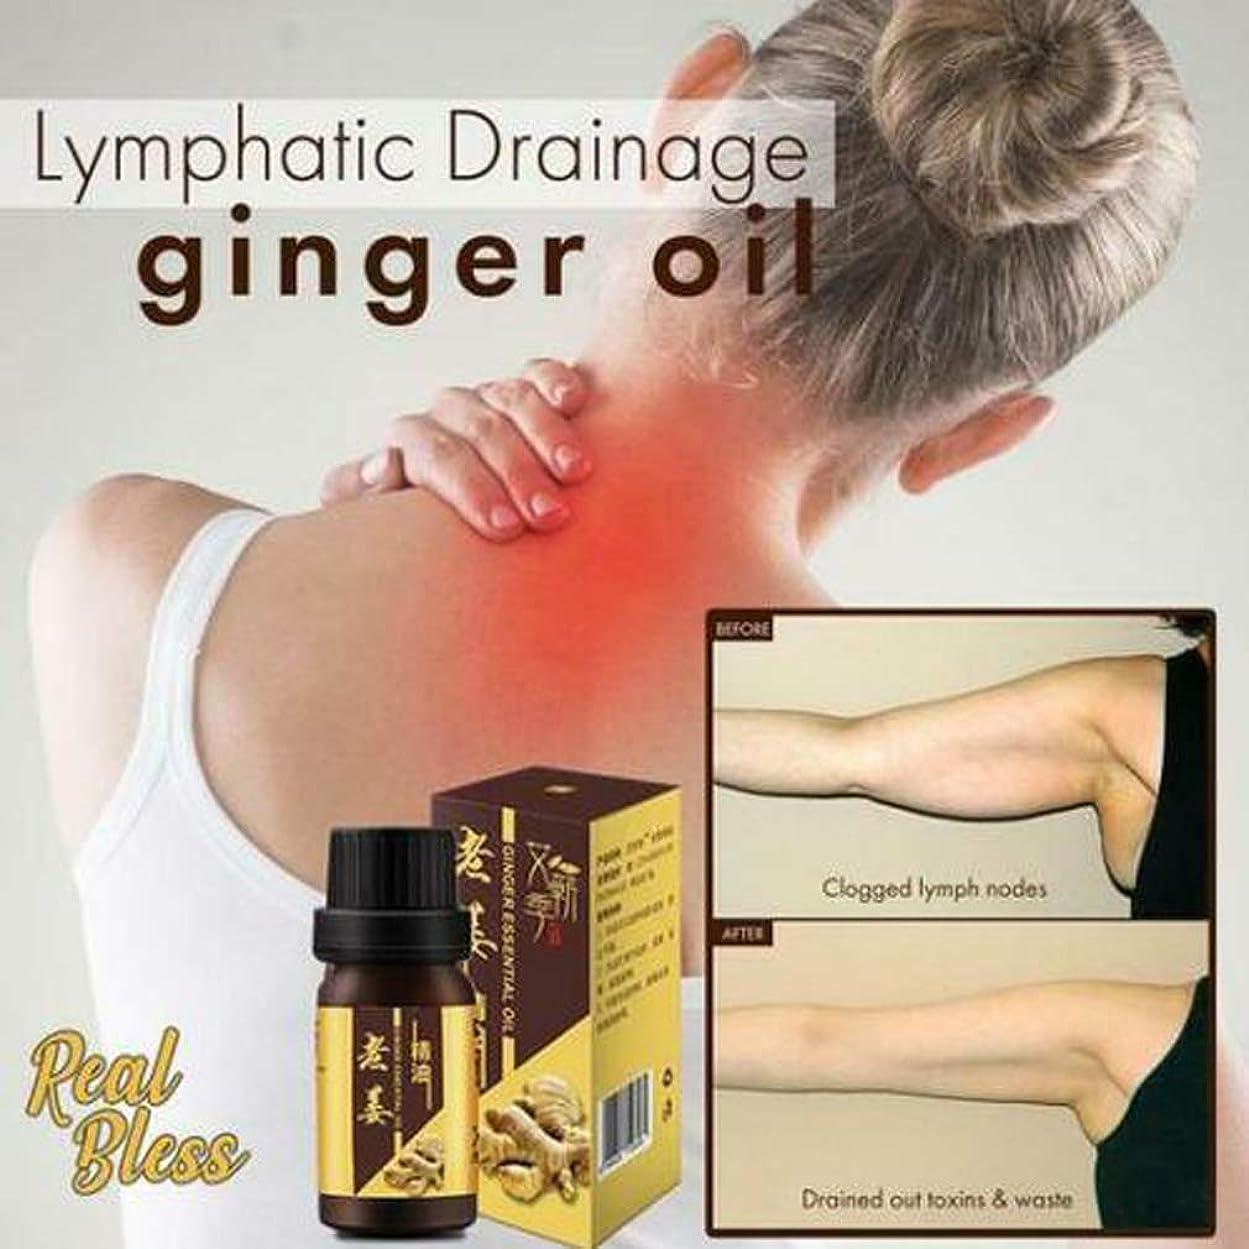 のぞき見変換陸軍ZooArts ジンジャーエッセンシャルオイル 精油 100%ピュアナチュラル ジンジャーオイル スパマッサージオイル ジンジャーオイルオーガニック Slimming Fat Miracle Ginger Oil 10ml